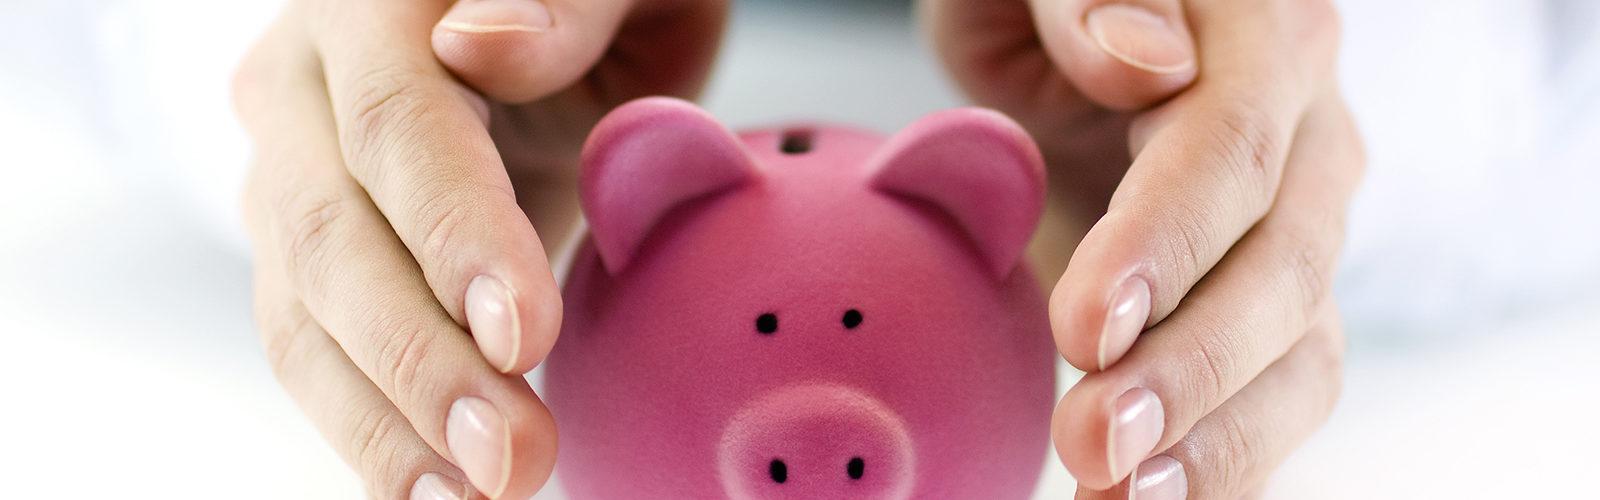 Piggy bank (bs17177456).jpg